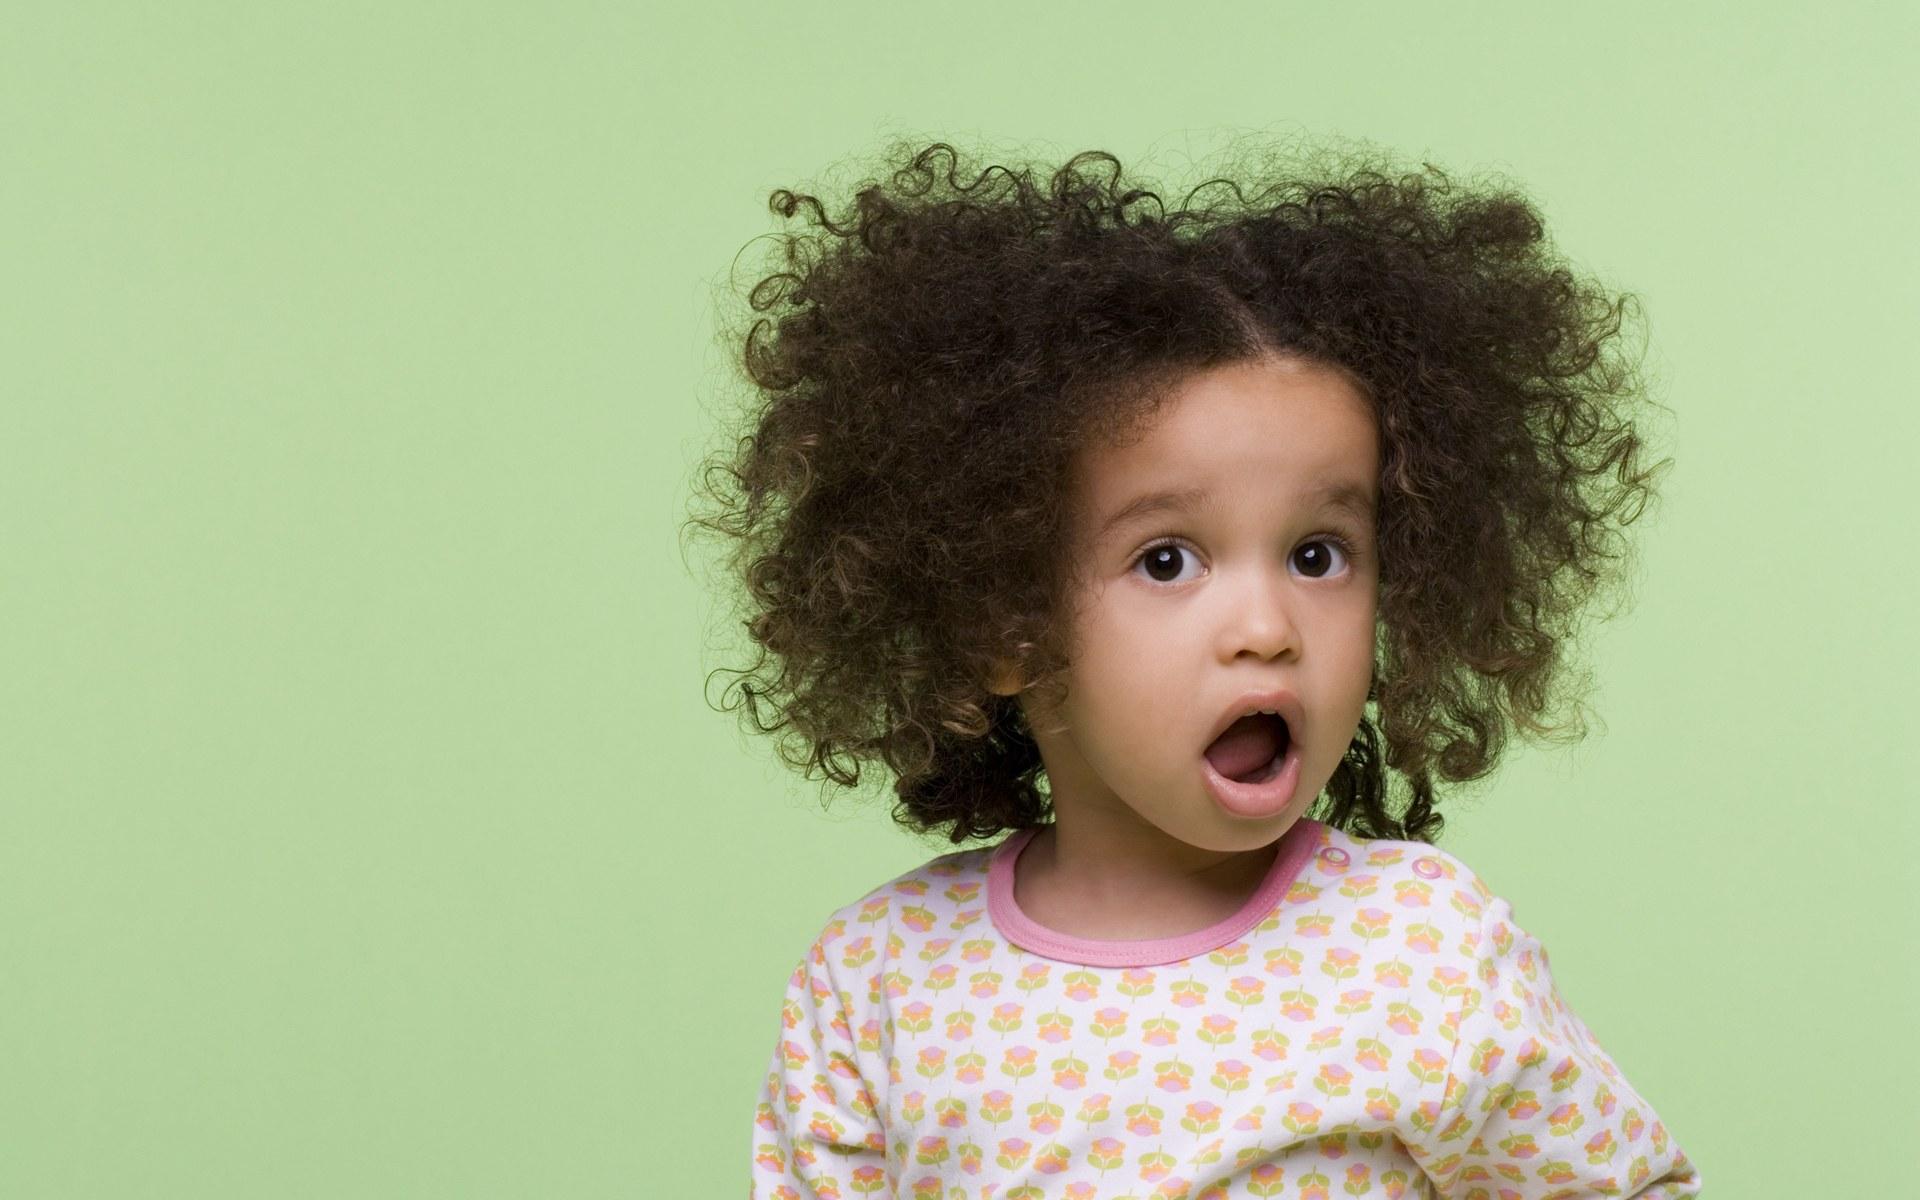 外国小孩的qq号_壁纸1920×1200可爱小卷毛 外国儿童摄影图片壁纸,国外儿童摄影 ...